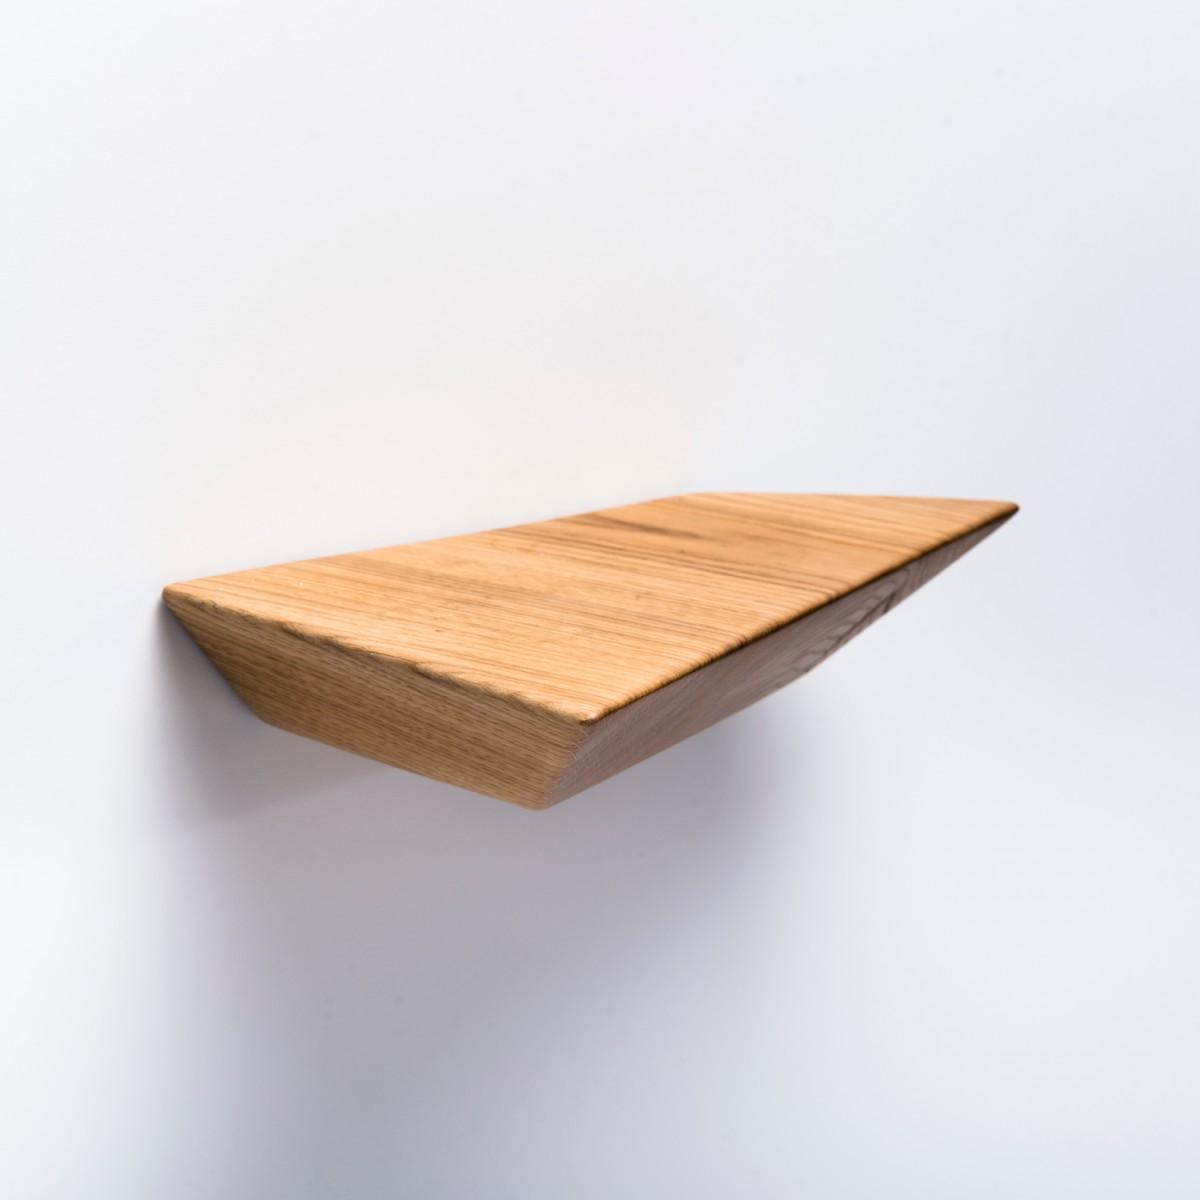 Schwebendes Wandregal aus Holz (Eiche massiv) von Verschnitt